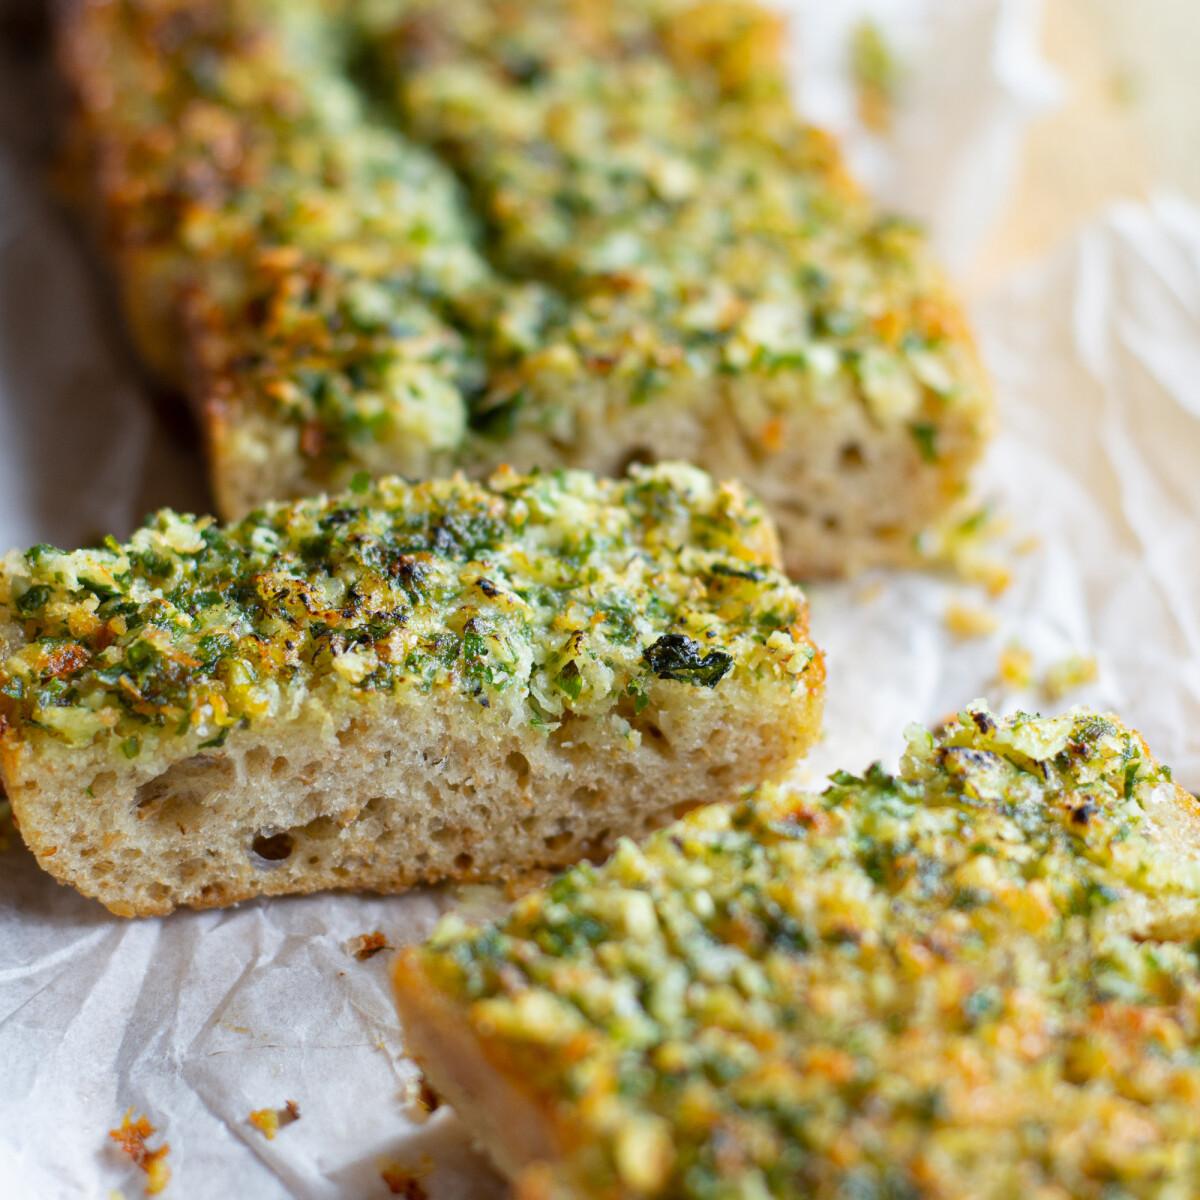 Ezen a képen: Garlic bread, a fokhagymás-fűszervajas bagett